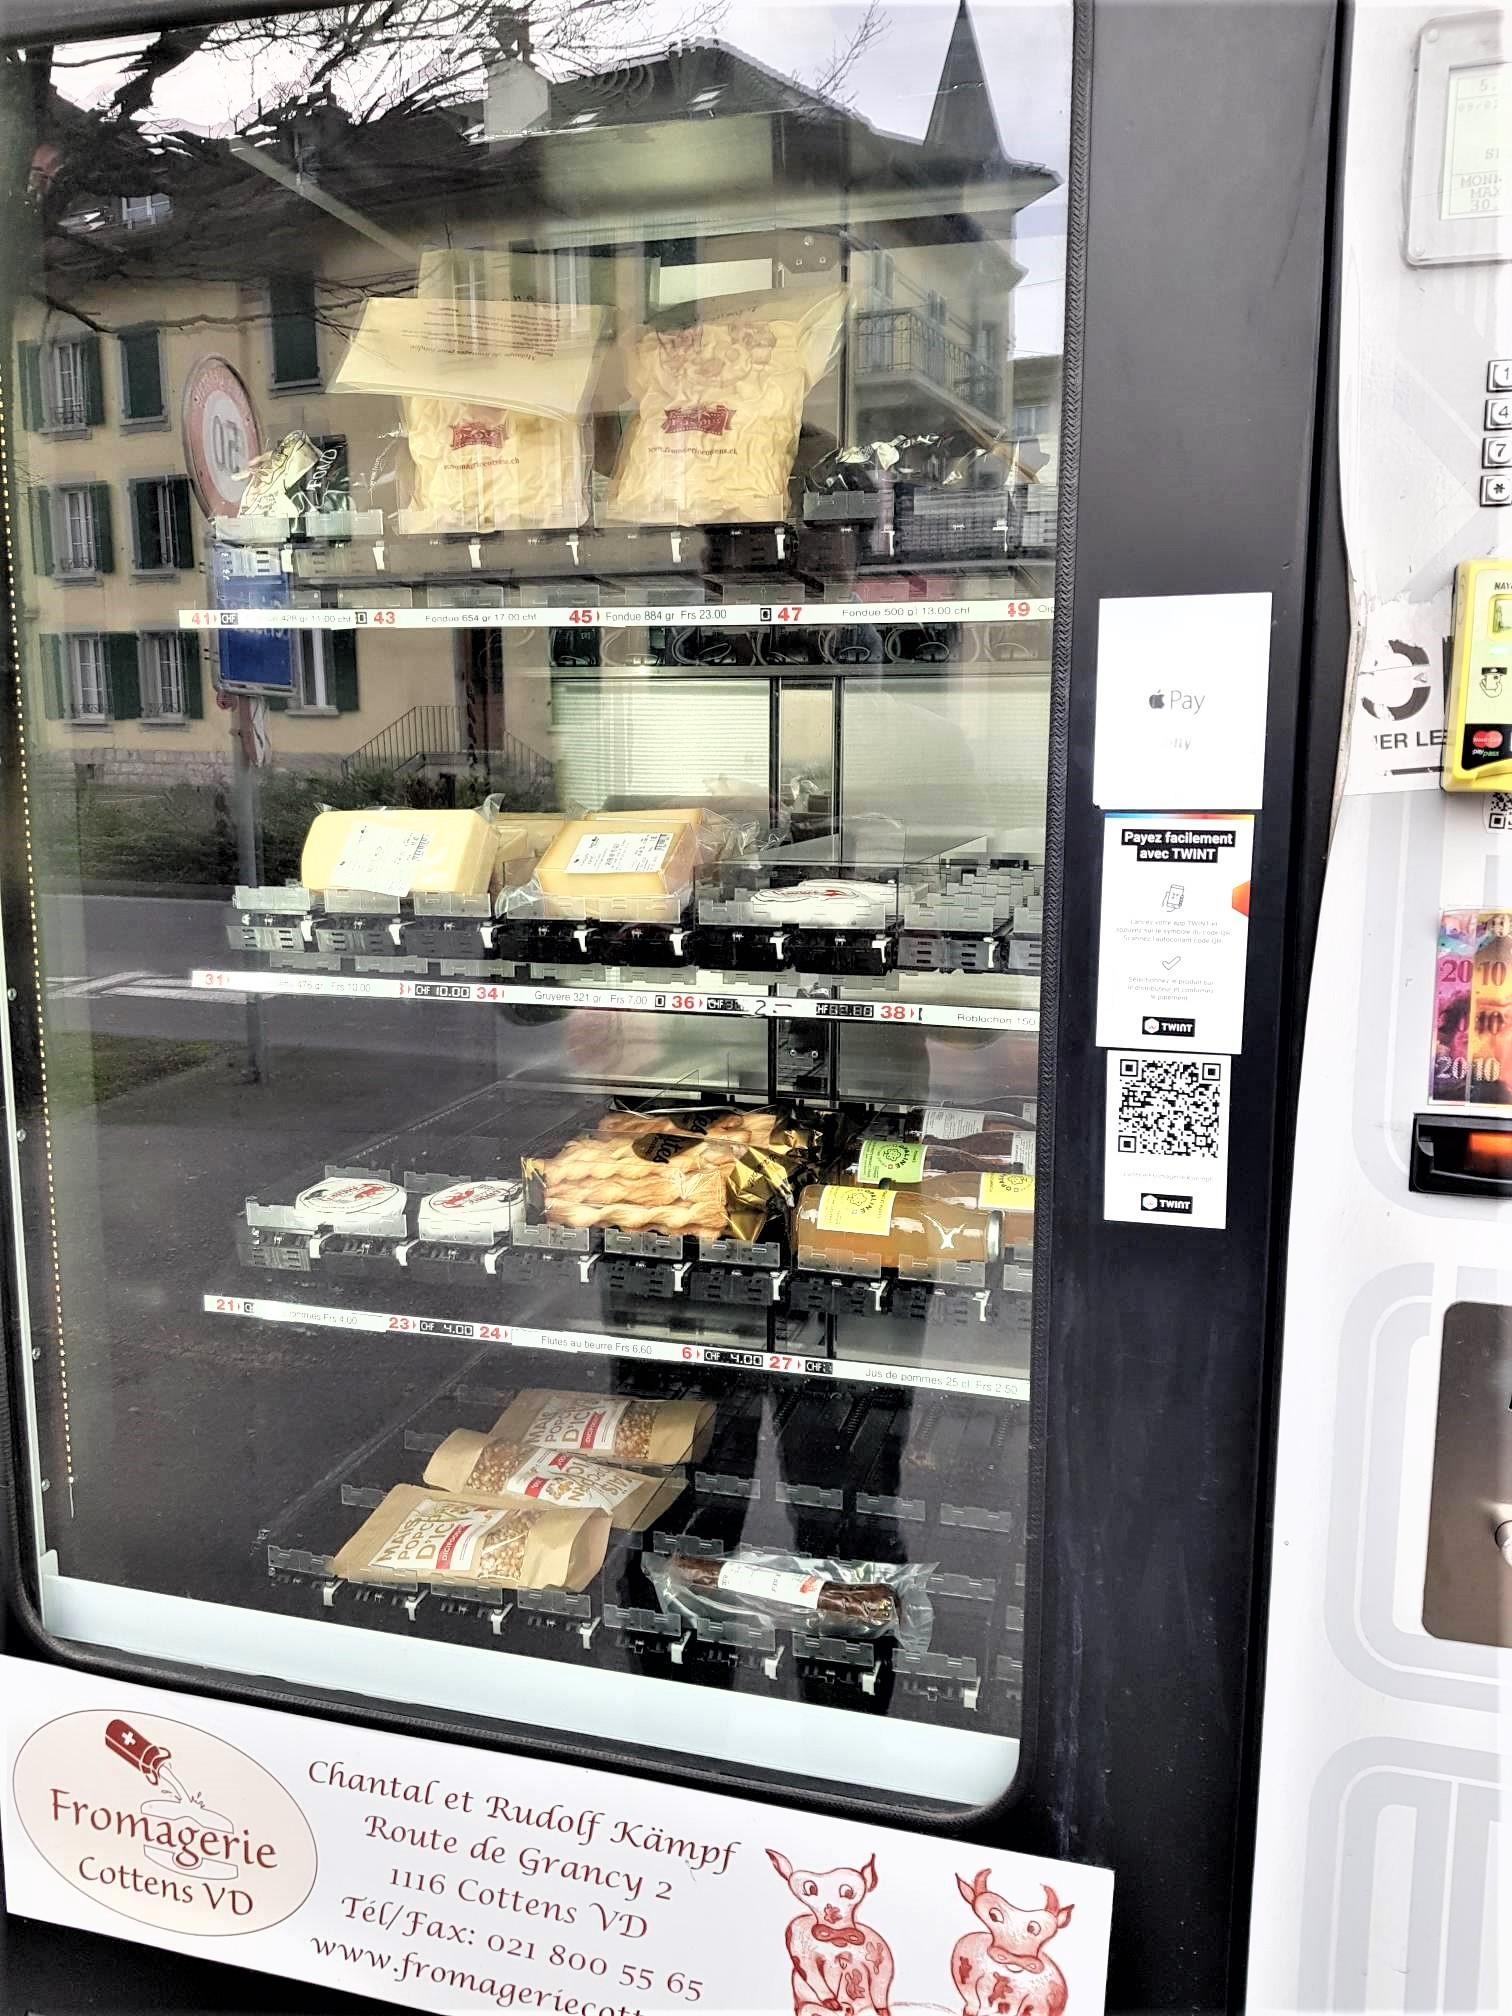 distributeur-à-fondut-suisse-lausanne-clioandco-blog-voyage-les-différences-france-suisse